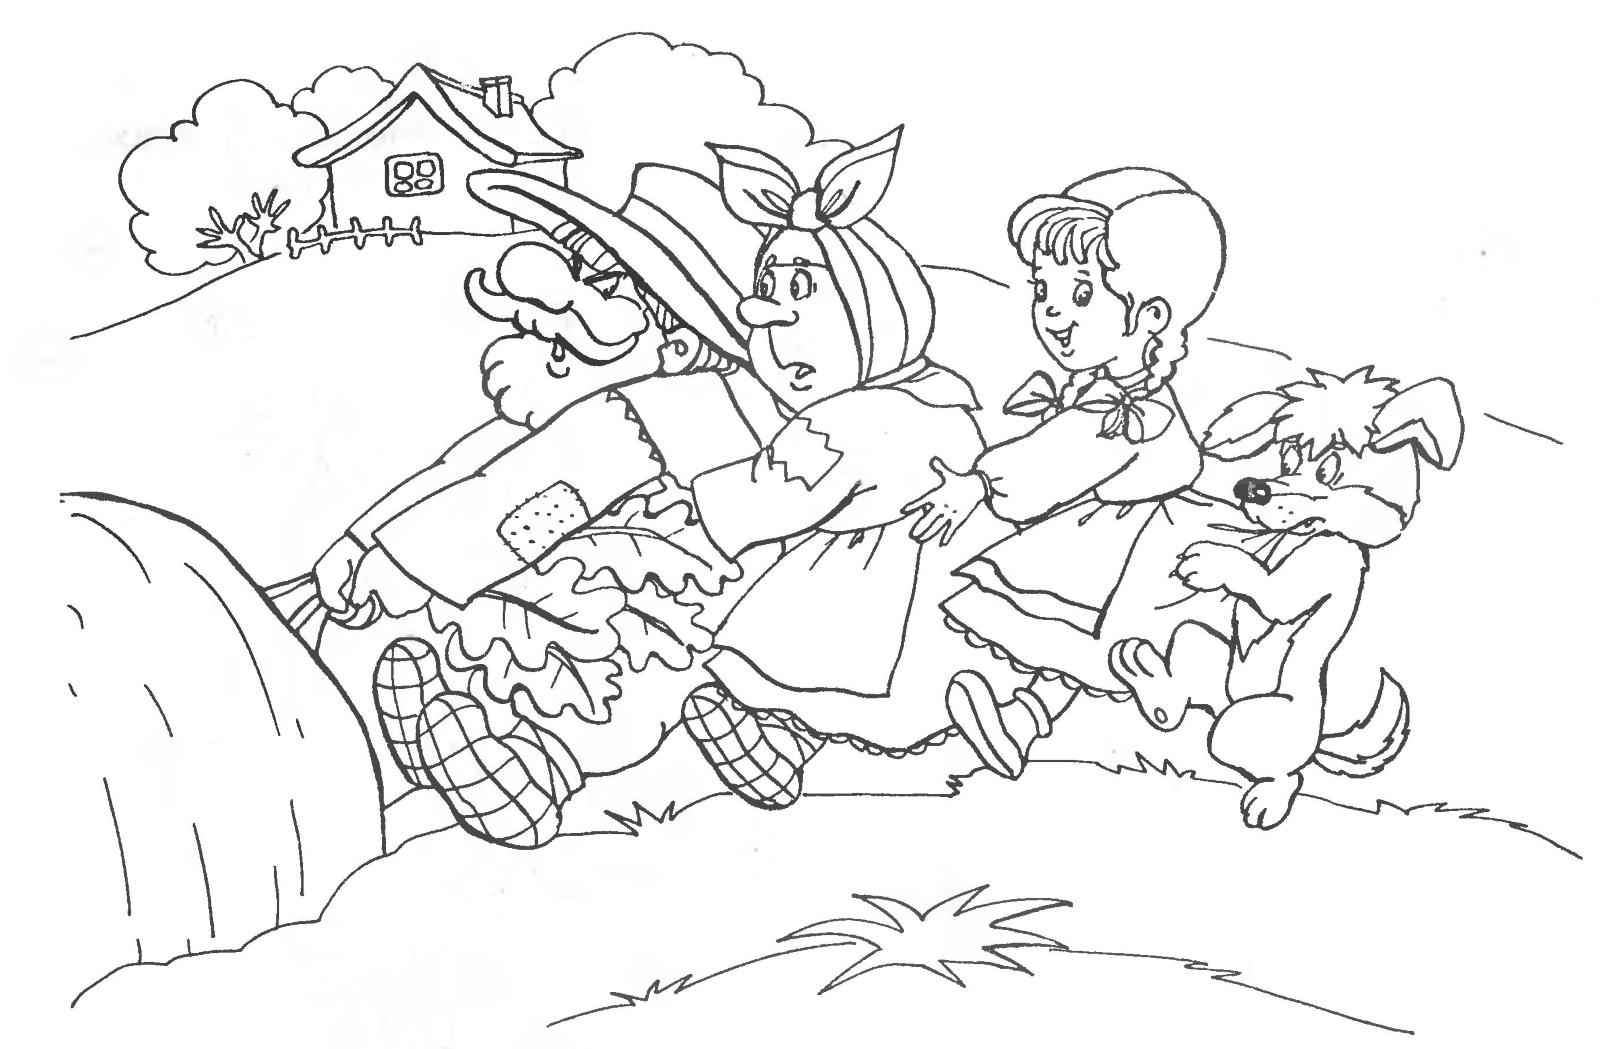 картинка жучка из сказки репка раскрась известный пример